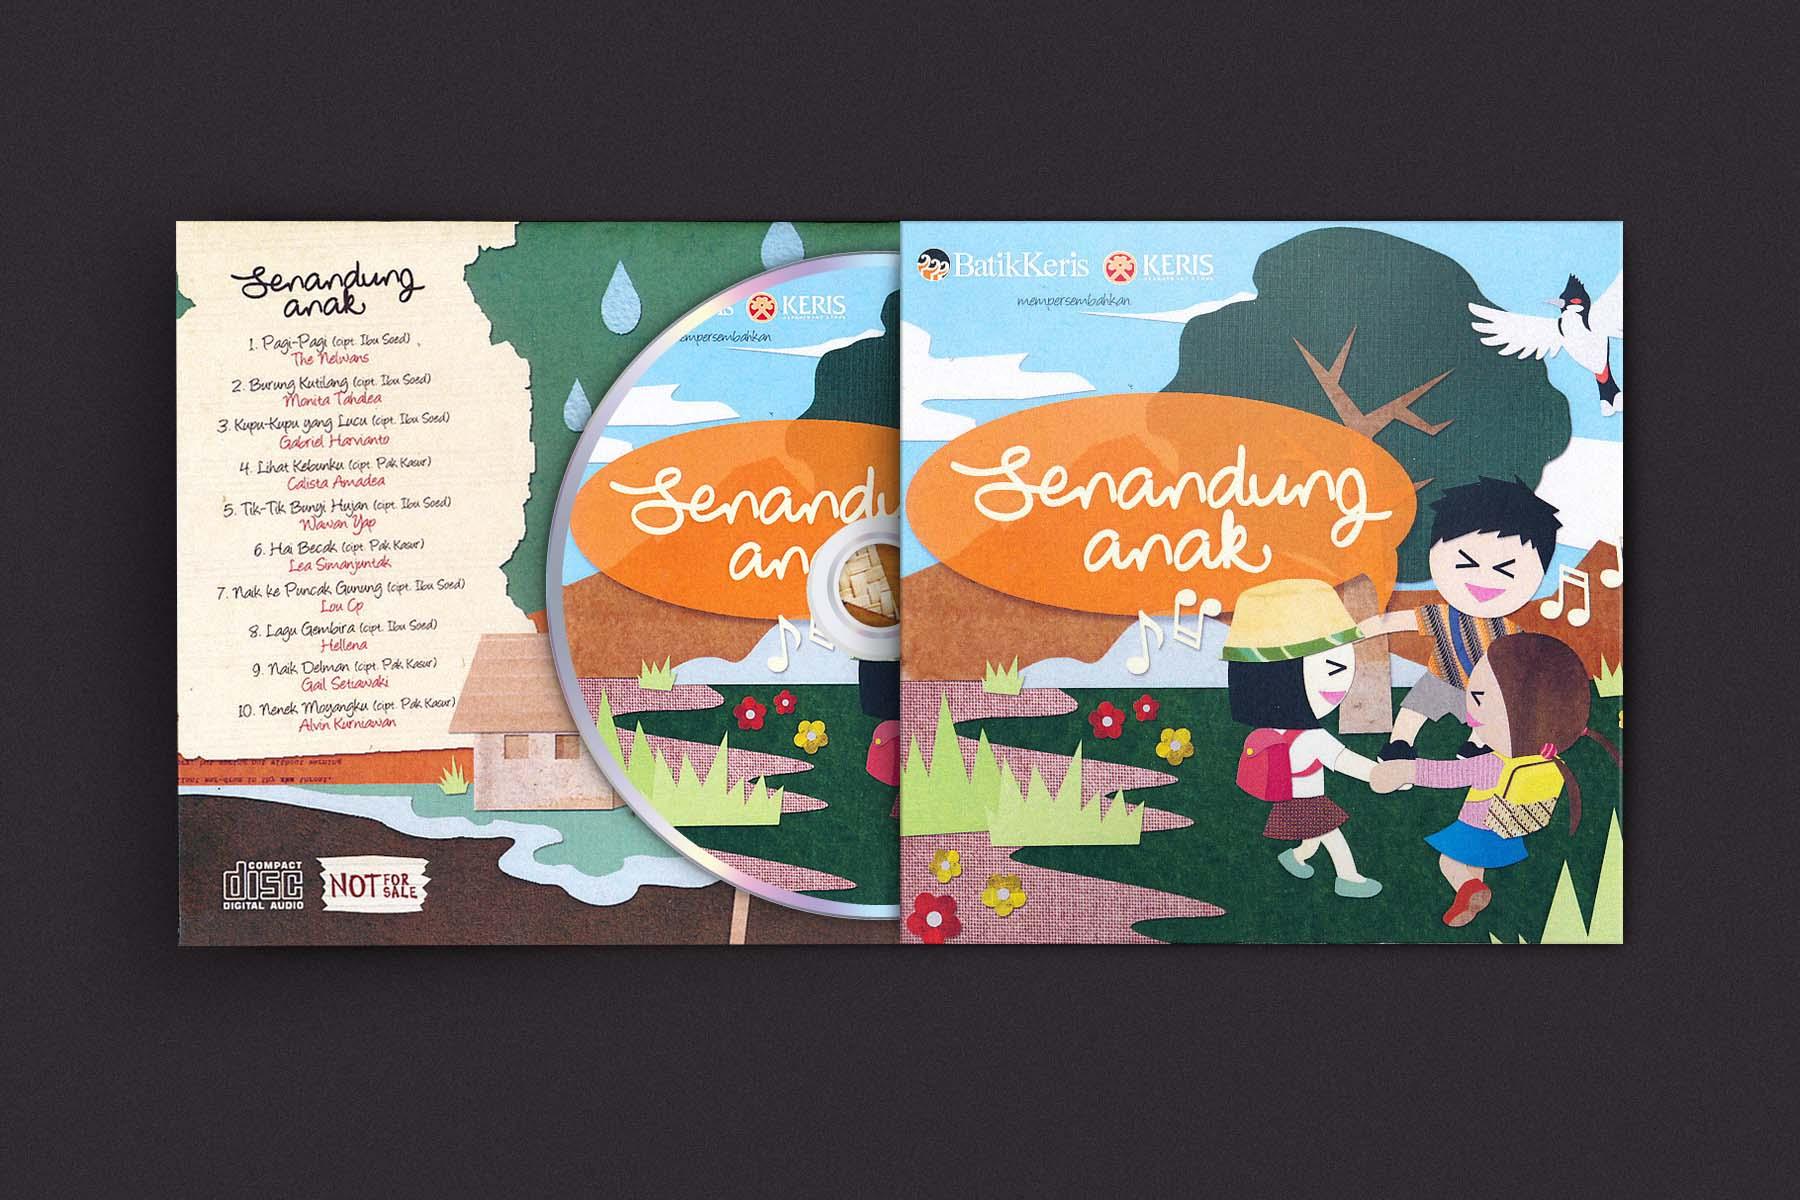 CD Senandung Anak